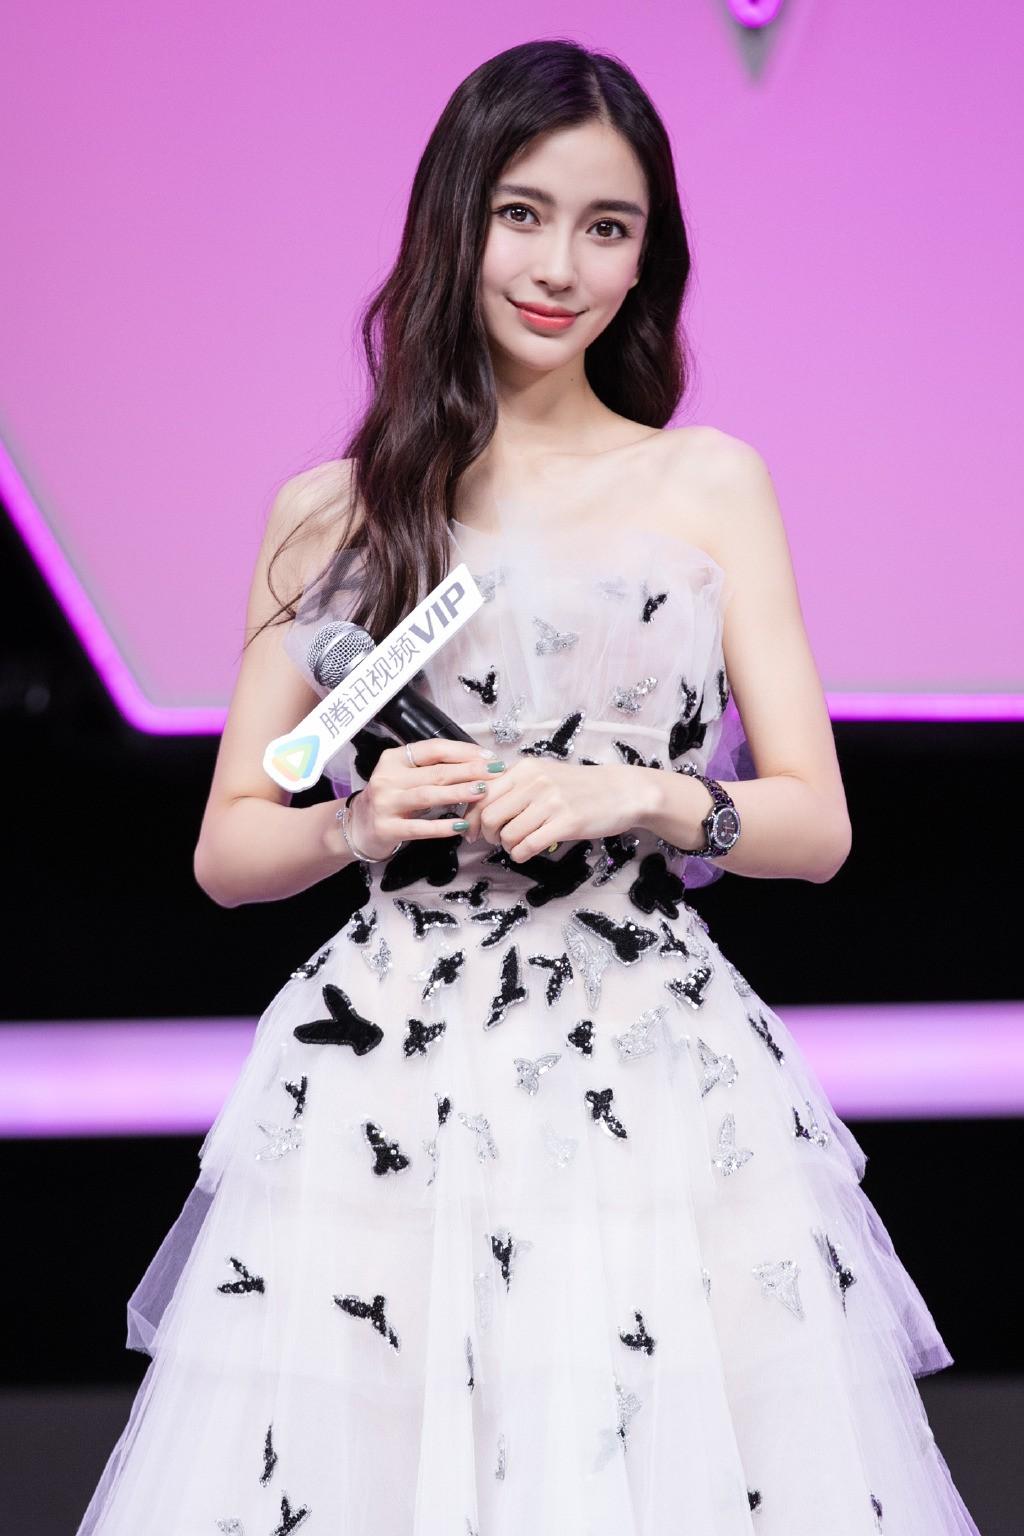 """Cùng diện váy công chúa: Angela Baby, Triệu Lệ Dĩnh, Nhiệt Ba đều """"thua"""" Meghan Markle - Ảnh 1."""